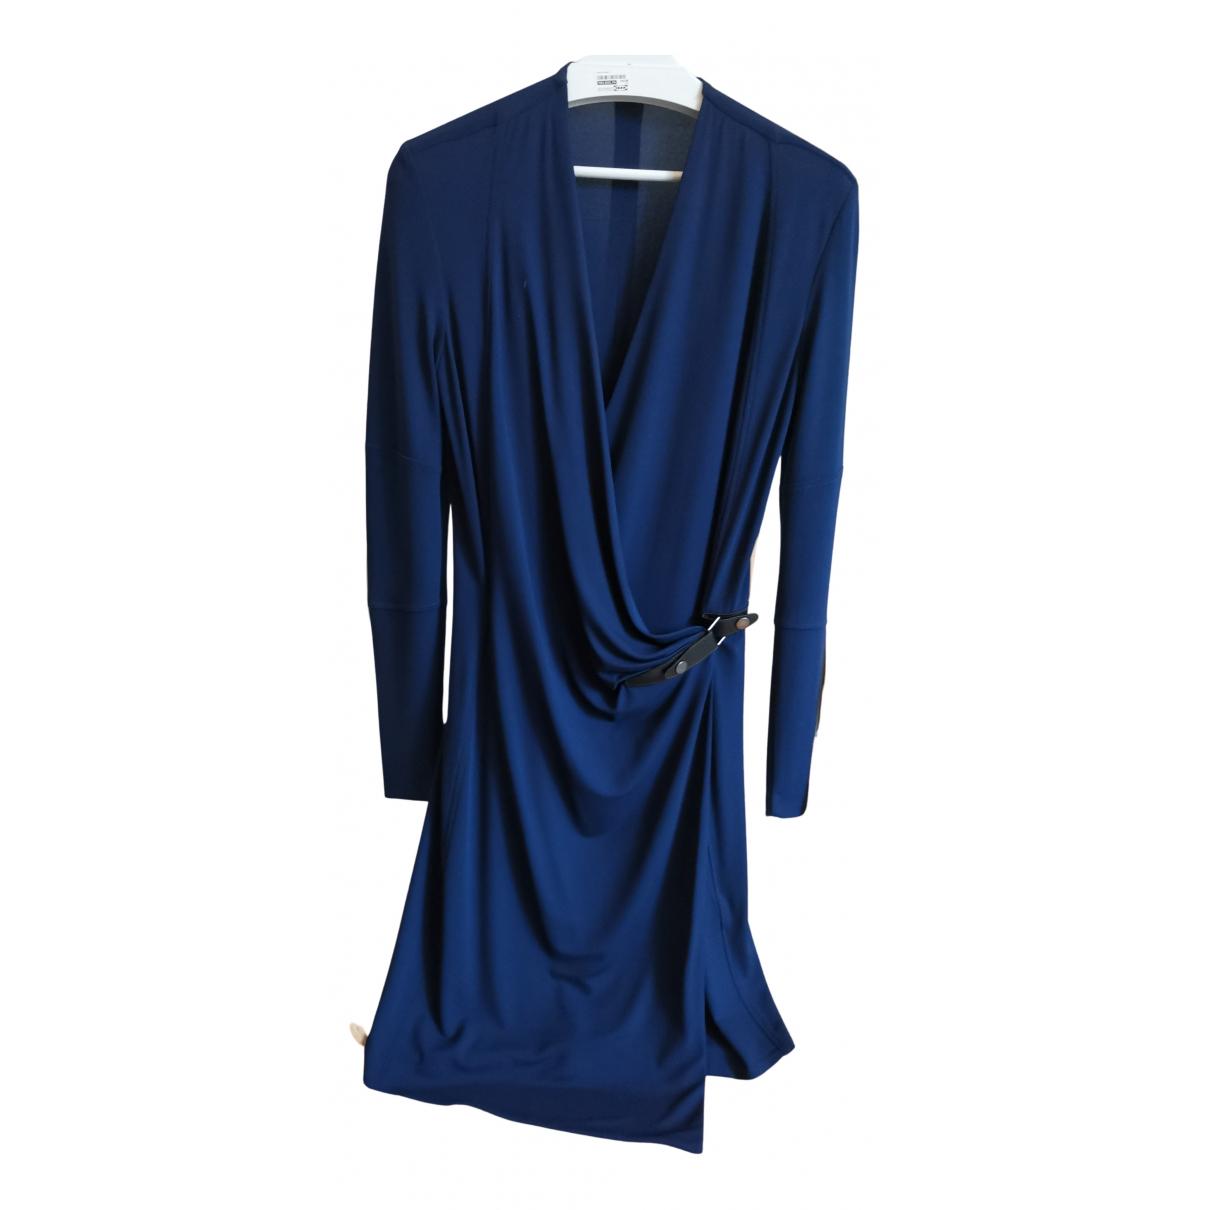 Belstaff \N Kleid in  Blau Viskose